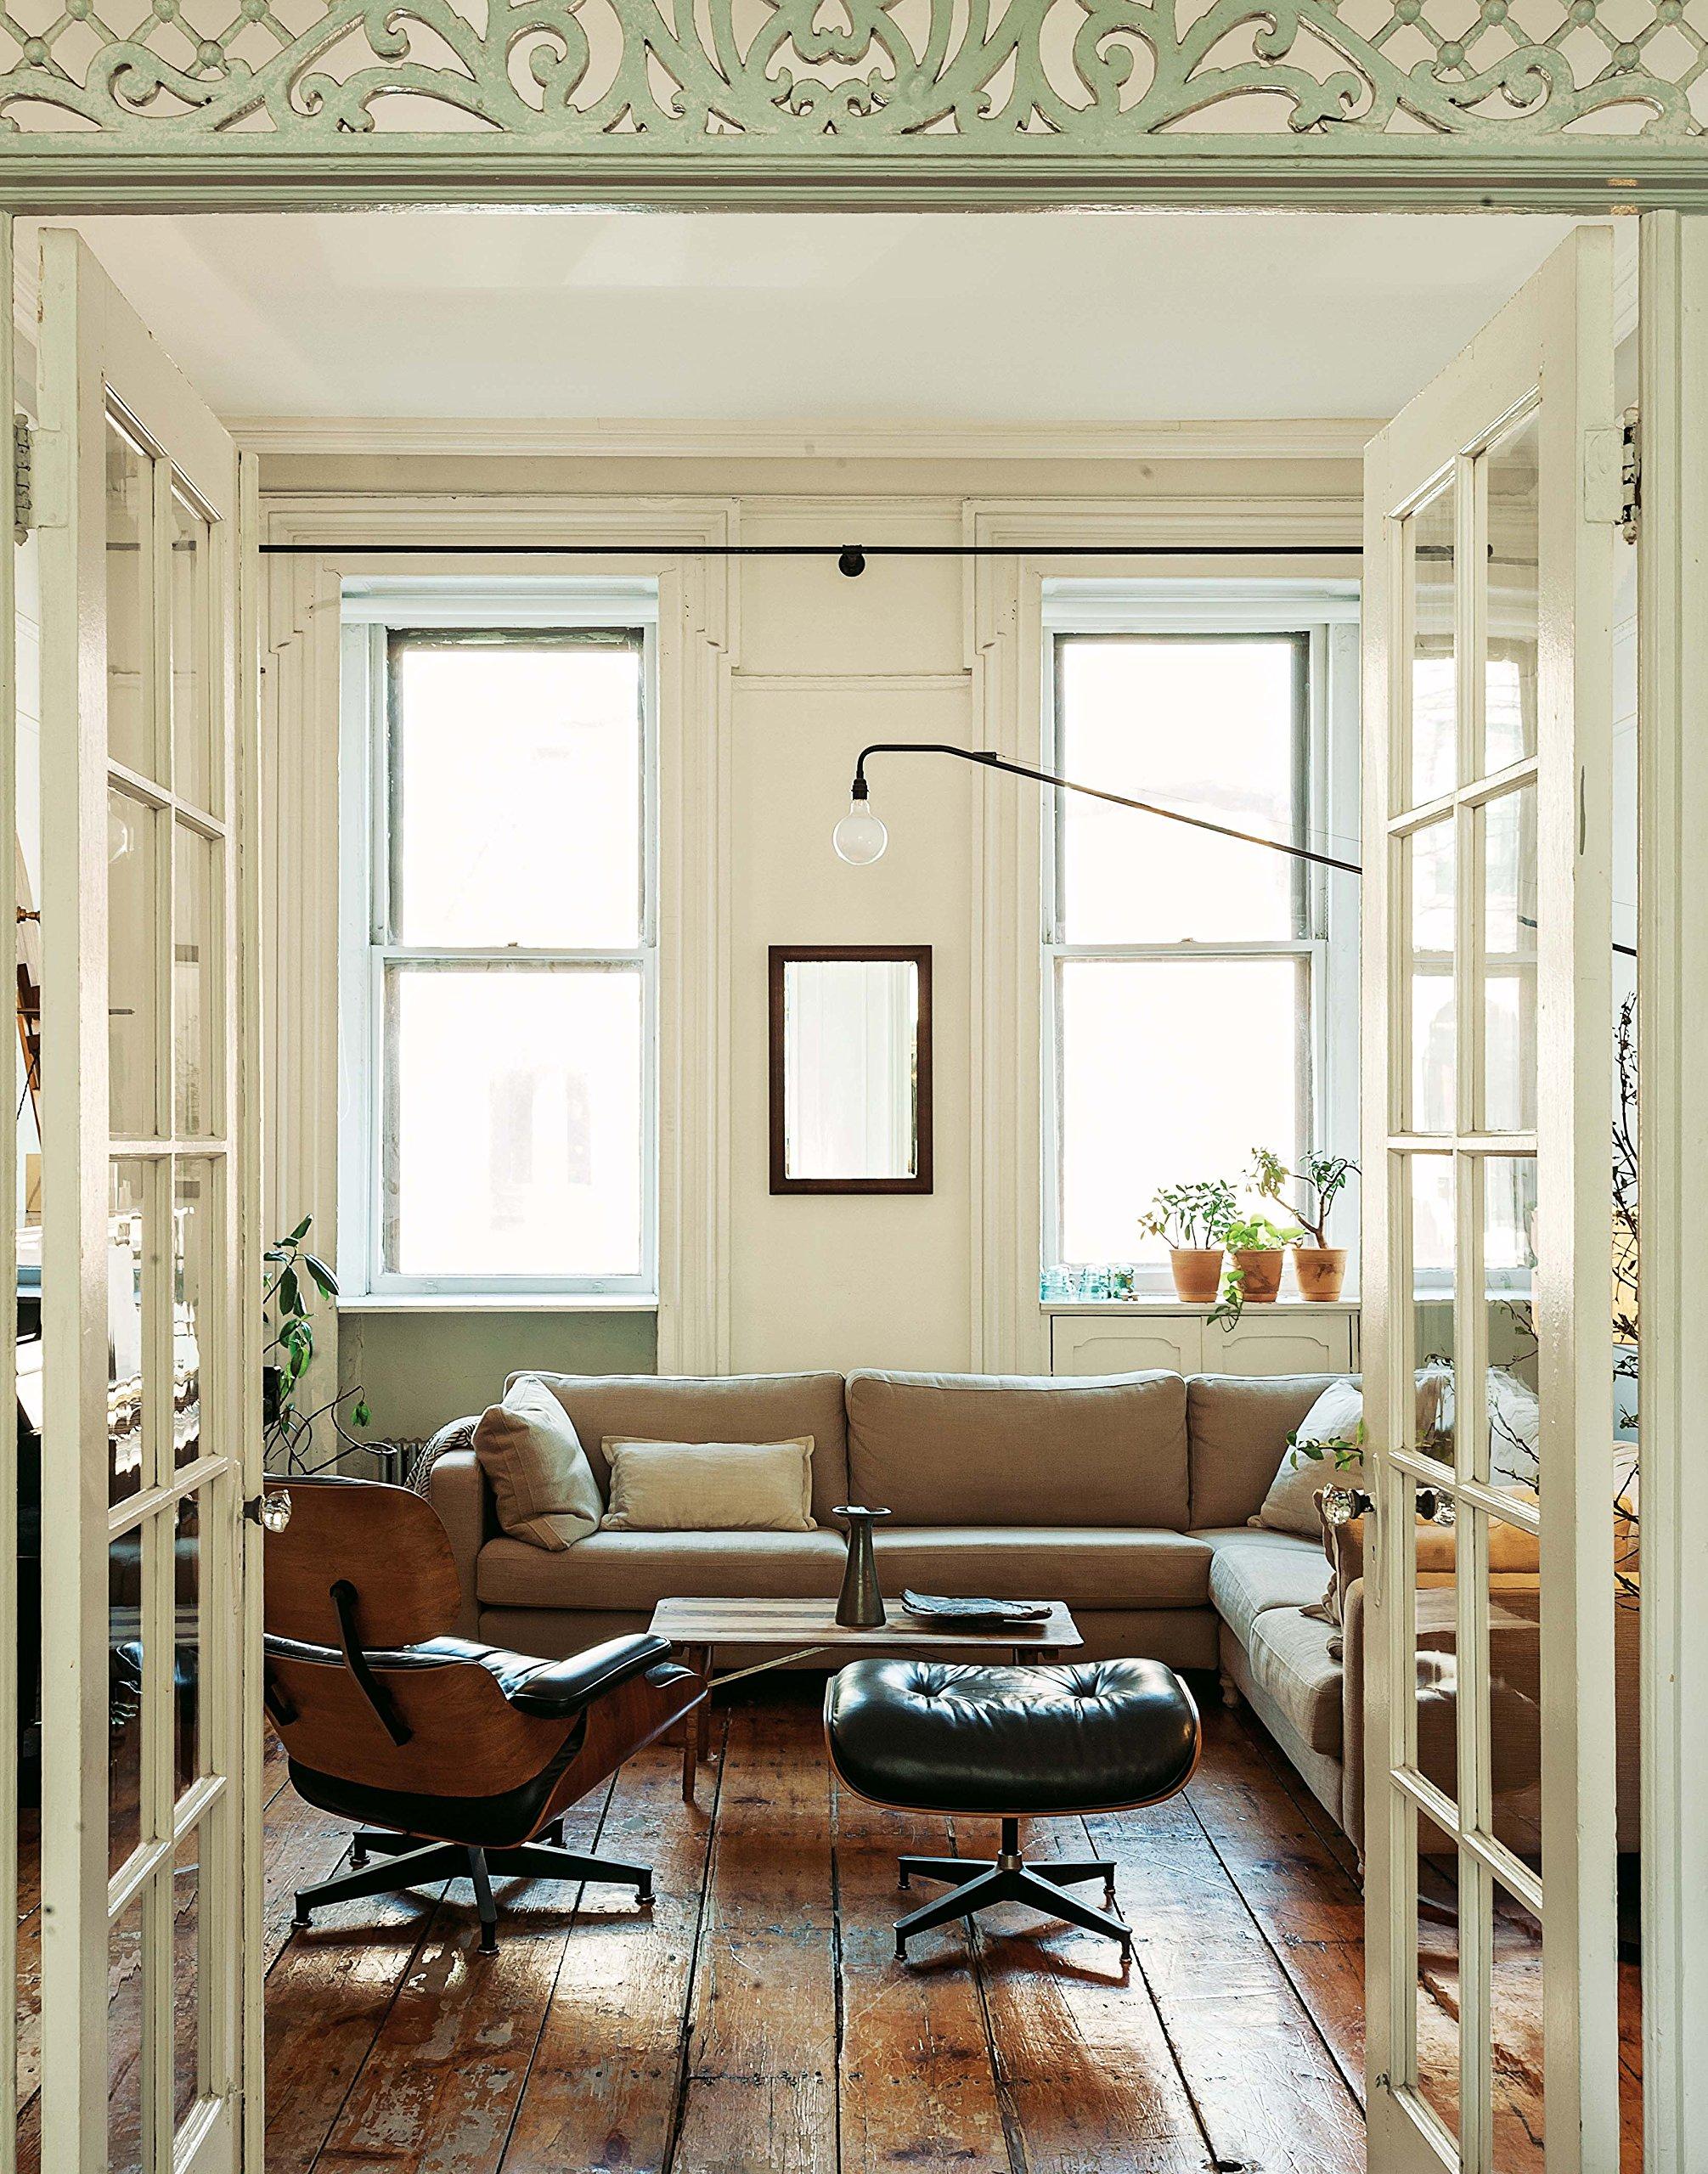 Fabelhaft Industrial Style Wohnen Beste Wahl Brooklyn Interior: Am Coolsten Ort Der Welt: